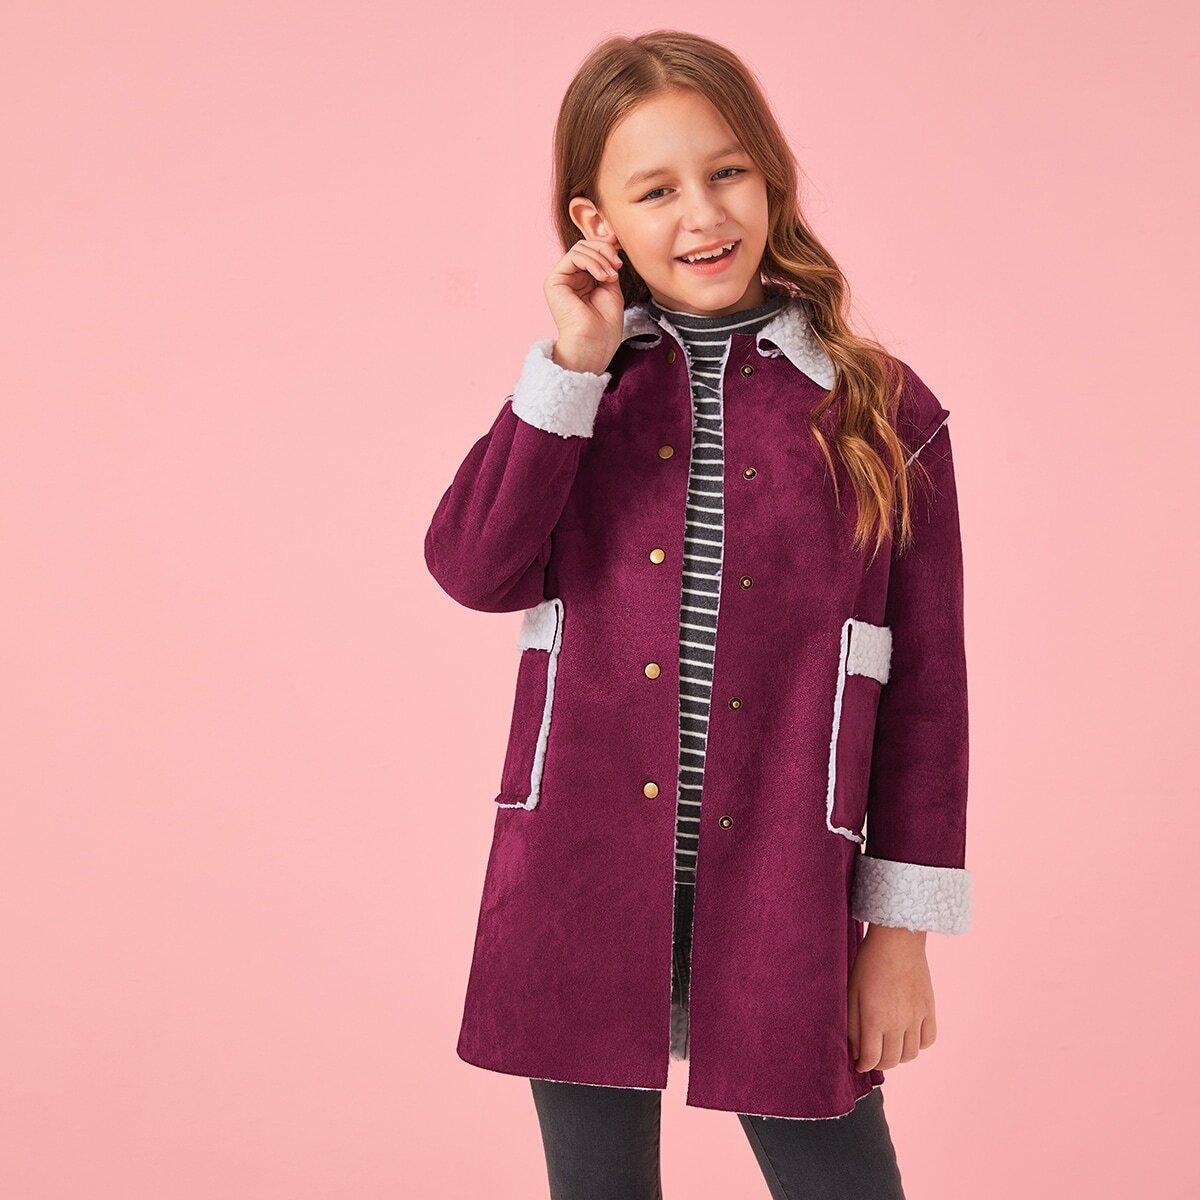 Пальто из искусственной короткой шерсти с карманом для девочек от SHEIN